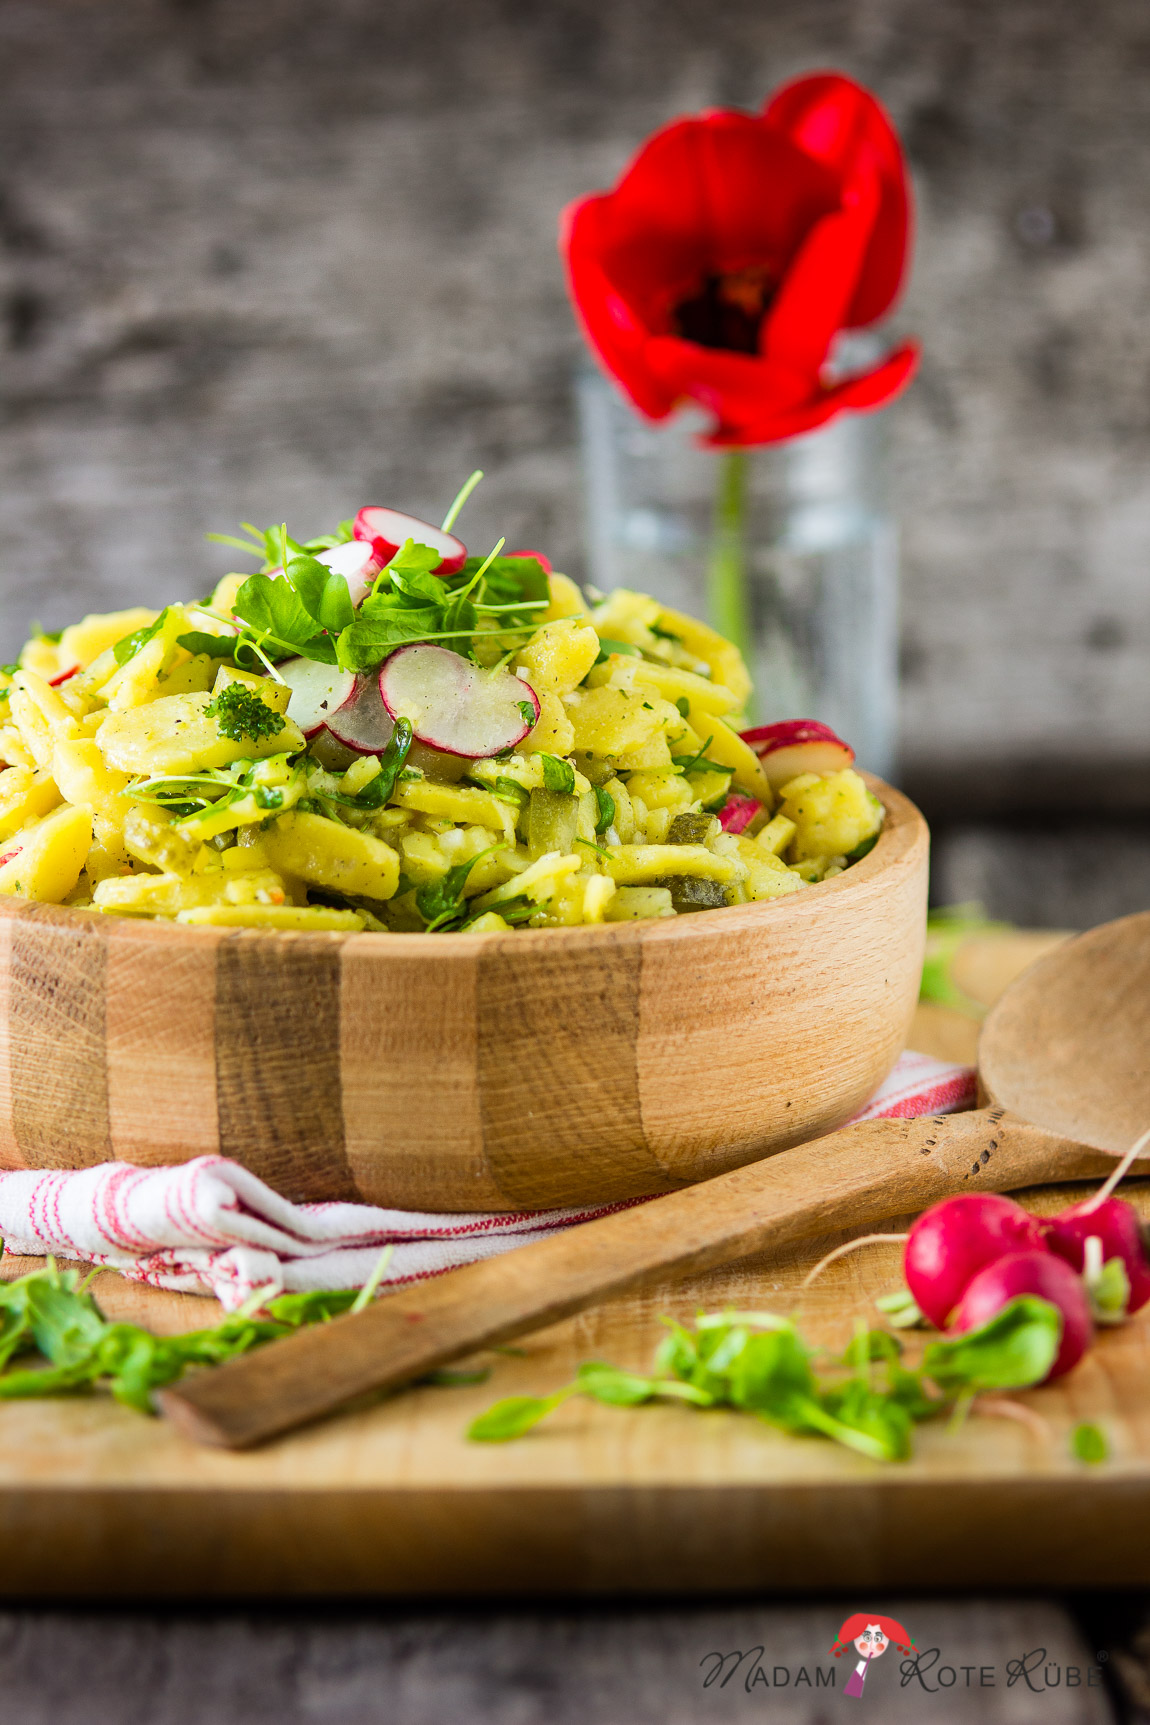 Madam Rote Rübe - Kartoffel-Radieschen-Kresse-Salat